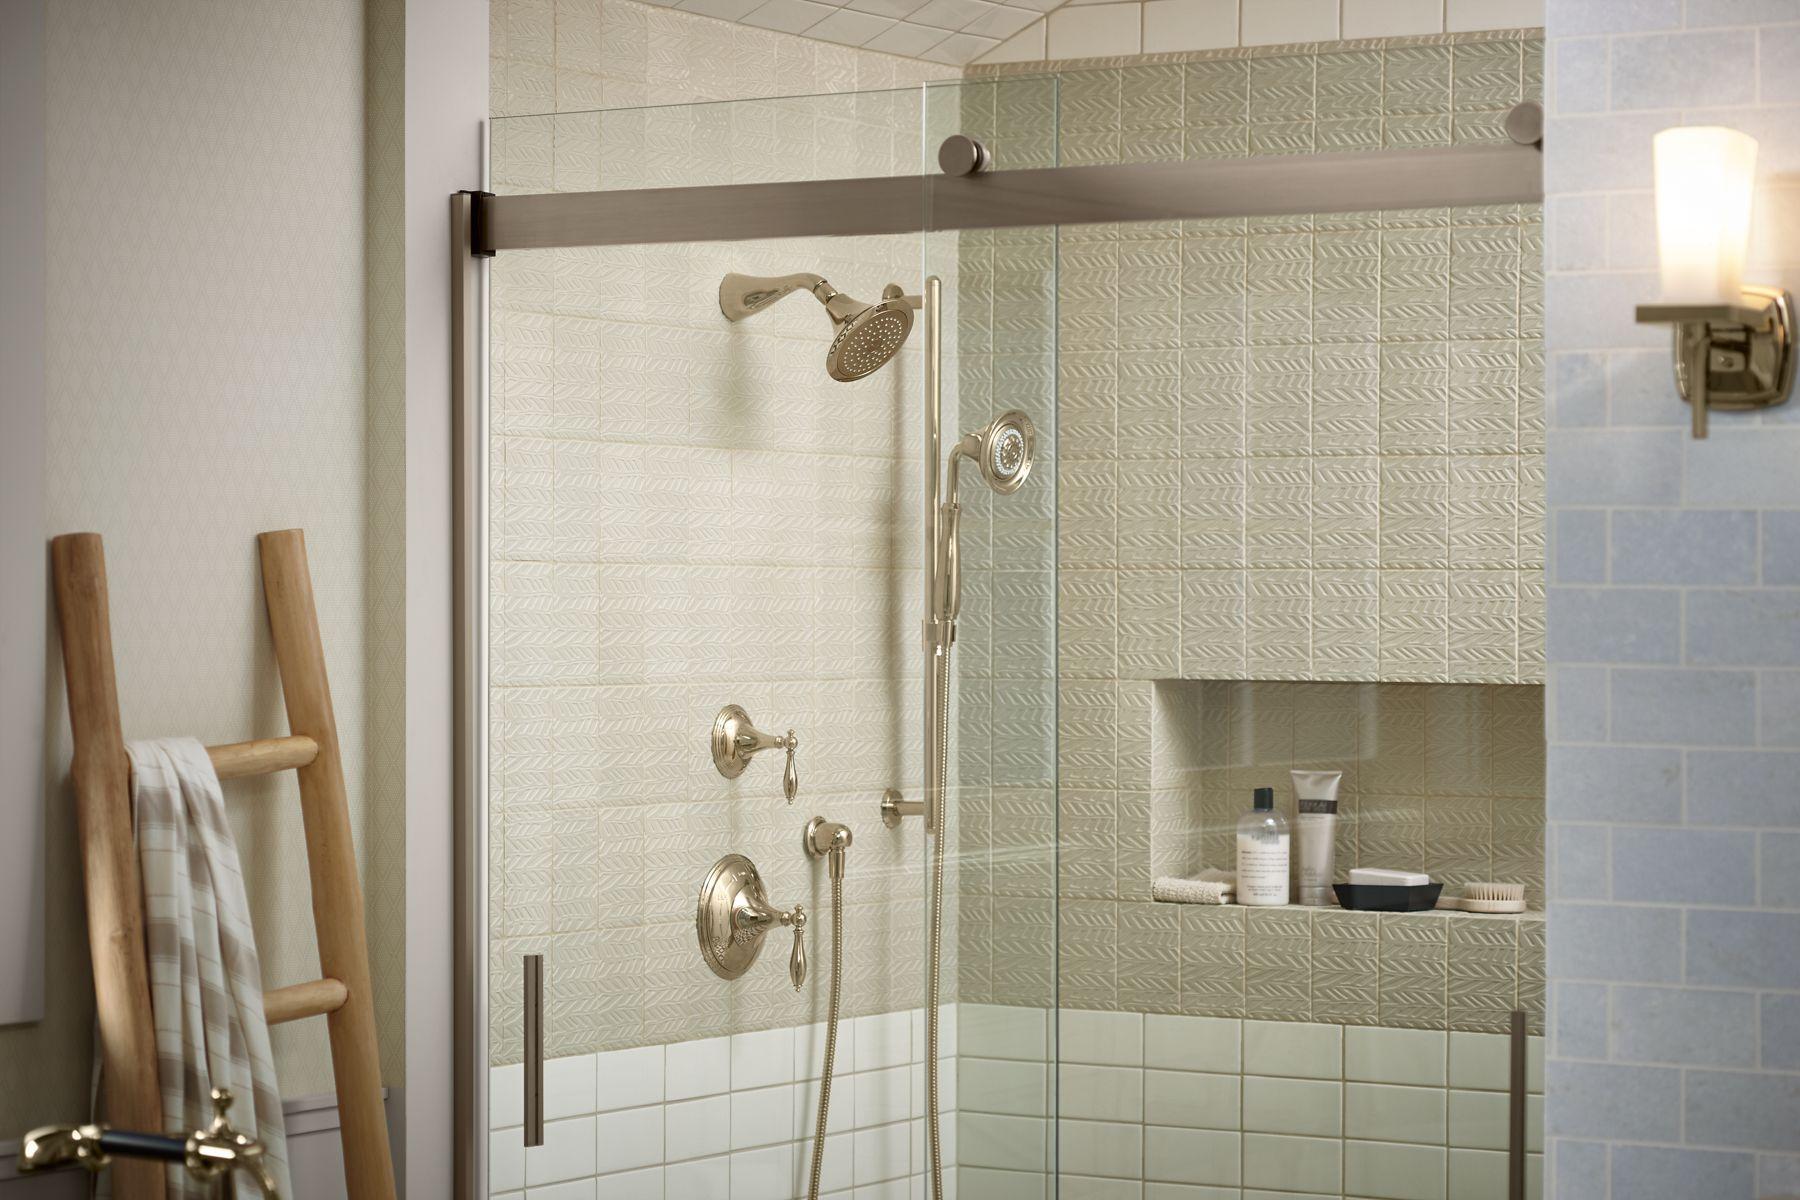 Frameless Shower Doors & Shower Frame Options   Shower Doors Guide   KOHLER